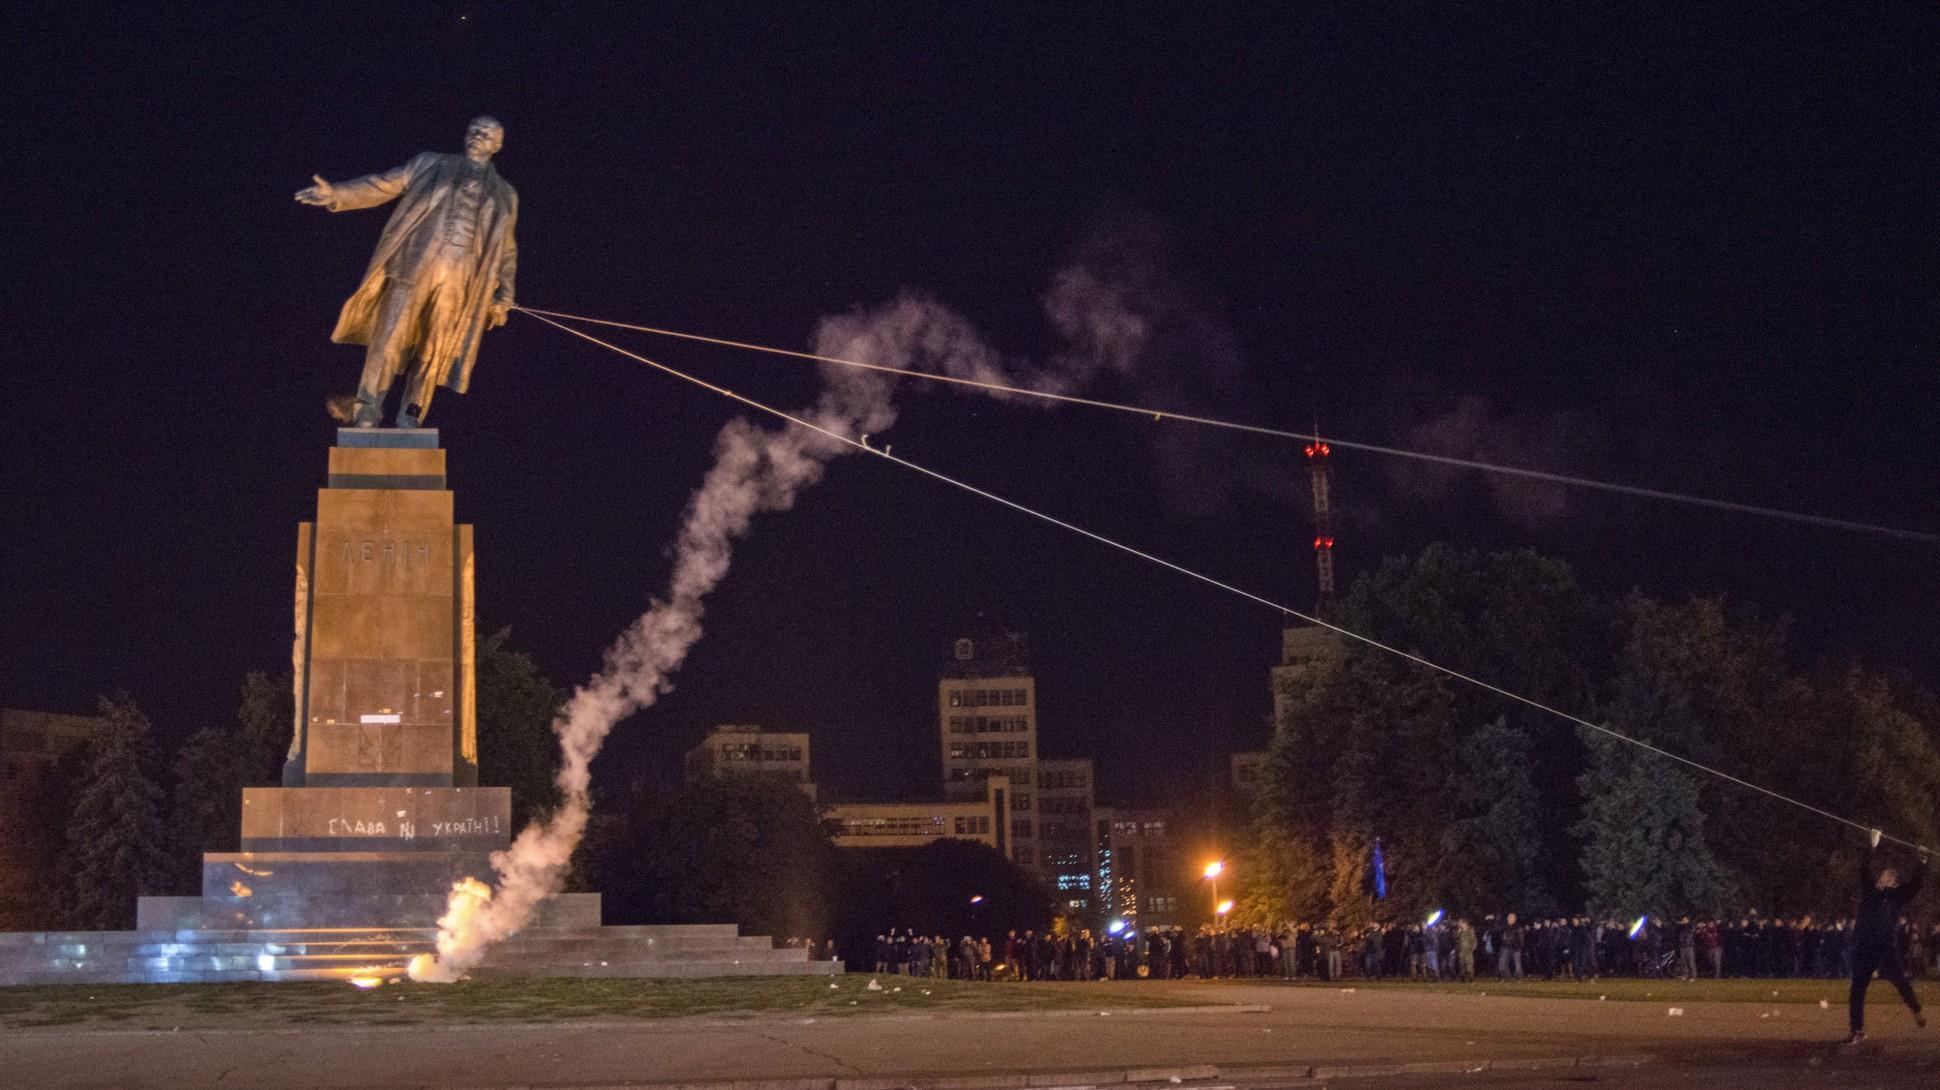 Statue of Lenin is toppled in Ukraine